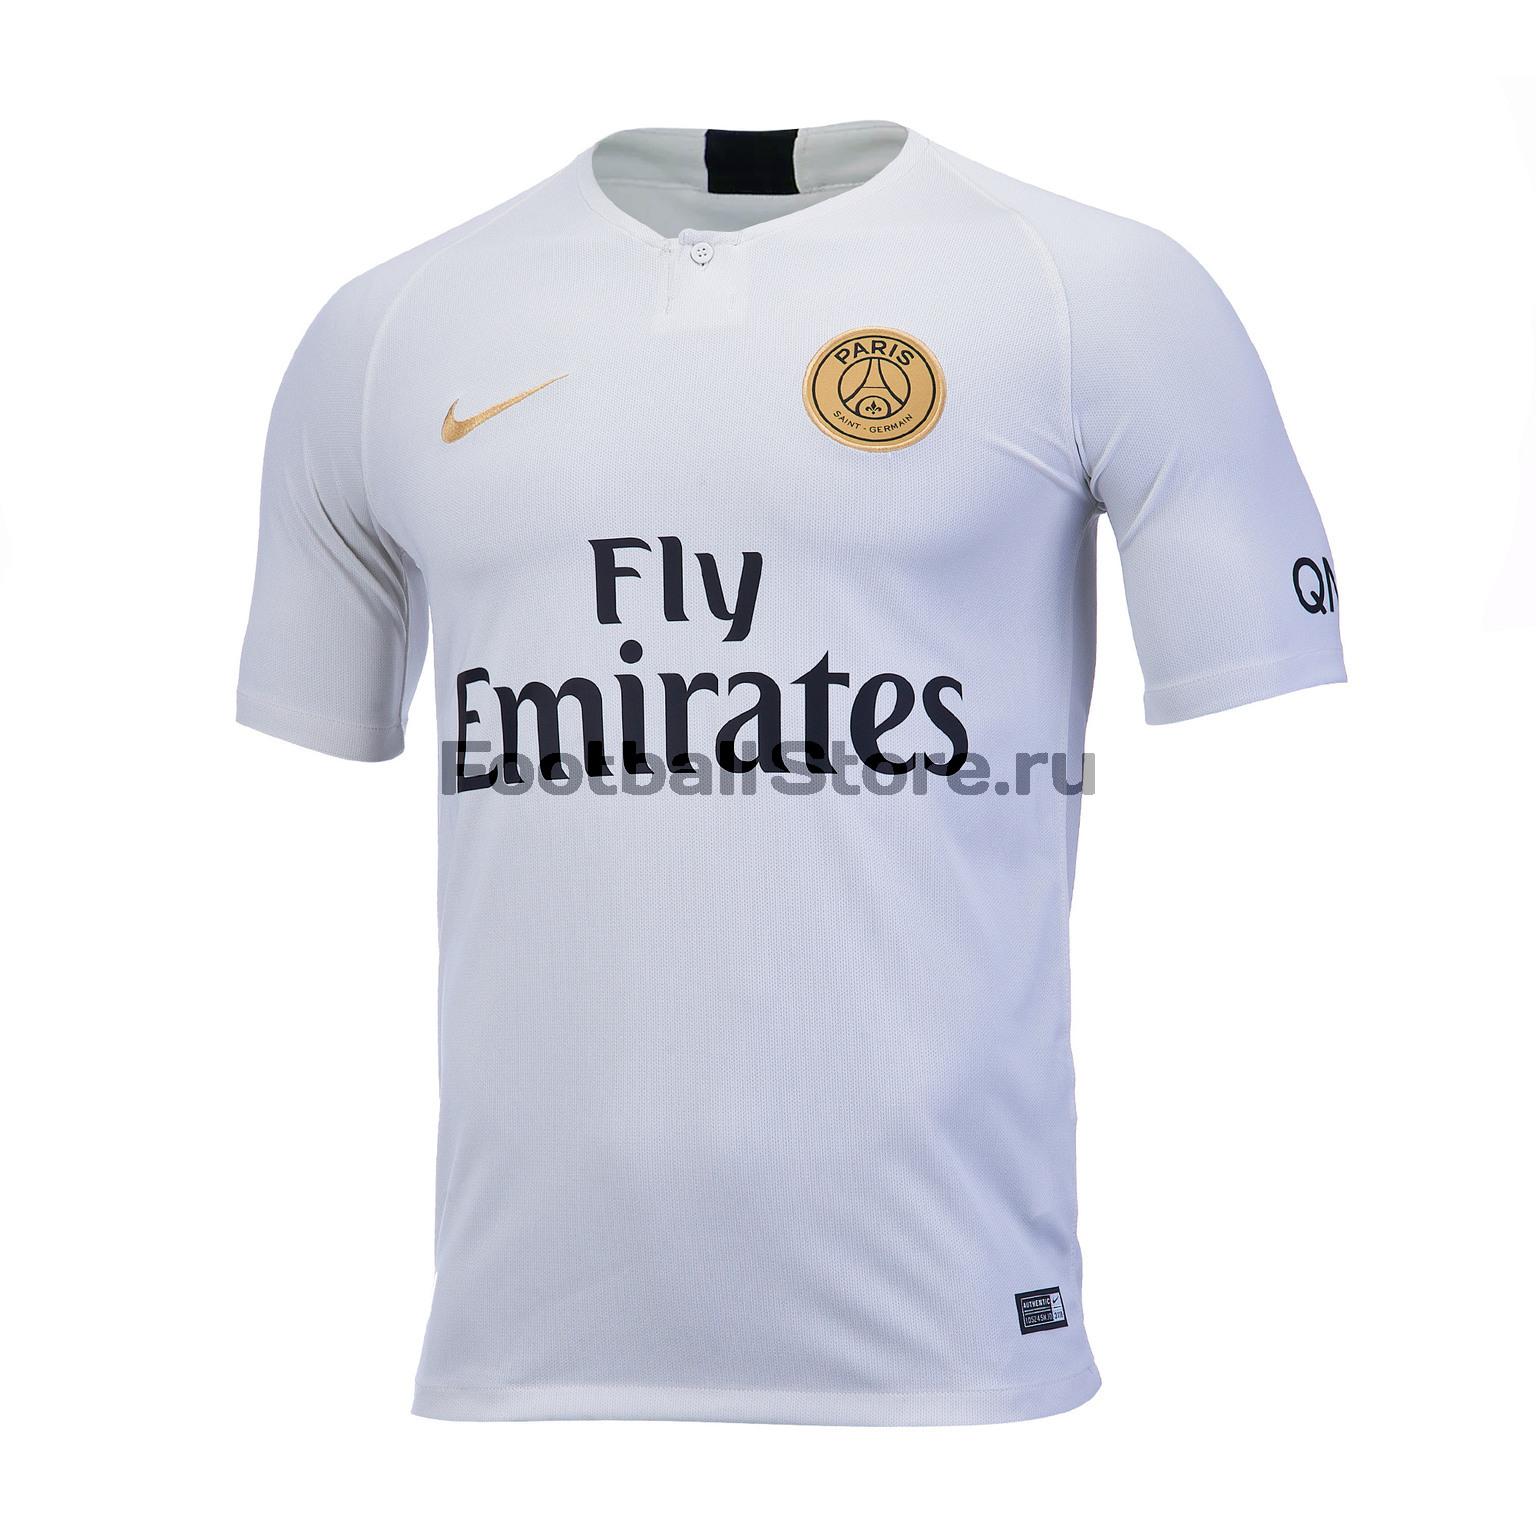 Футболка игровая выездная Nike PSG (ПСЖ) 2018/19 игровая выездная футболка цвет белый размер l